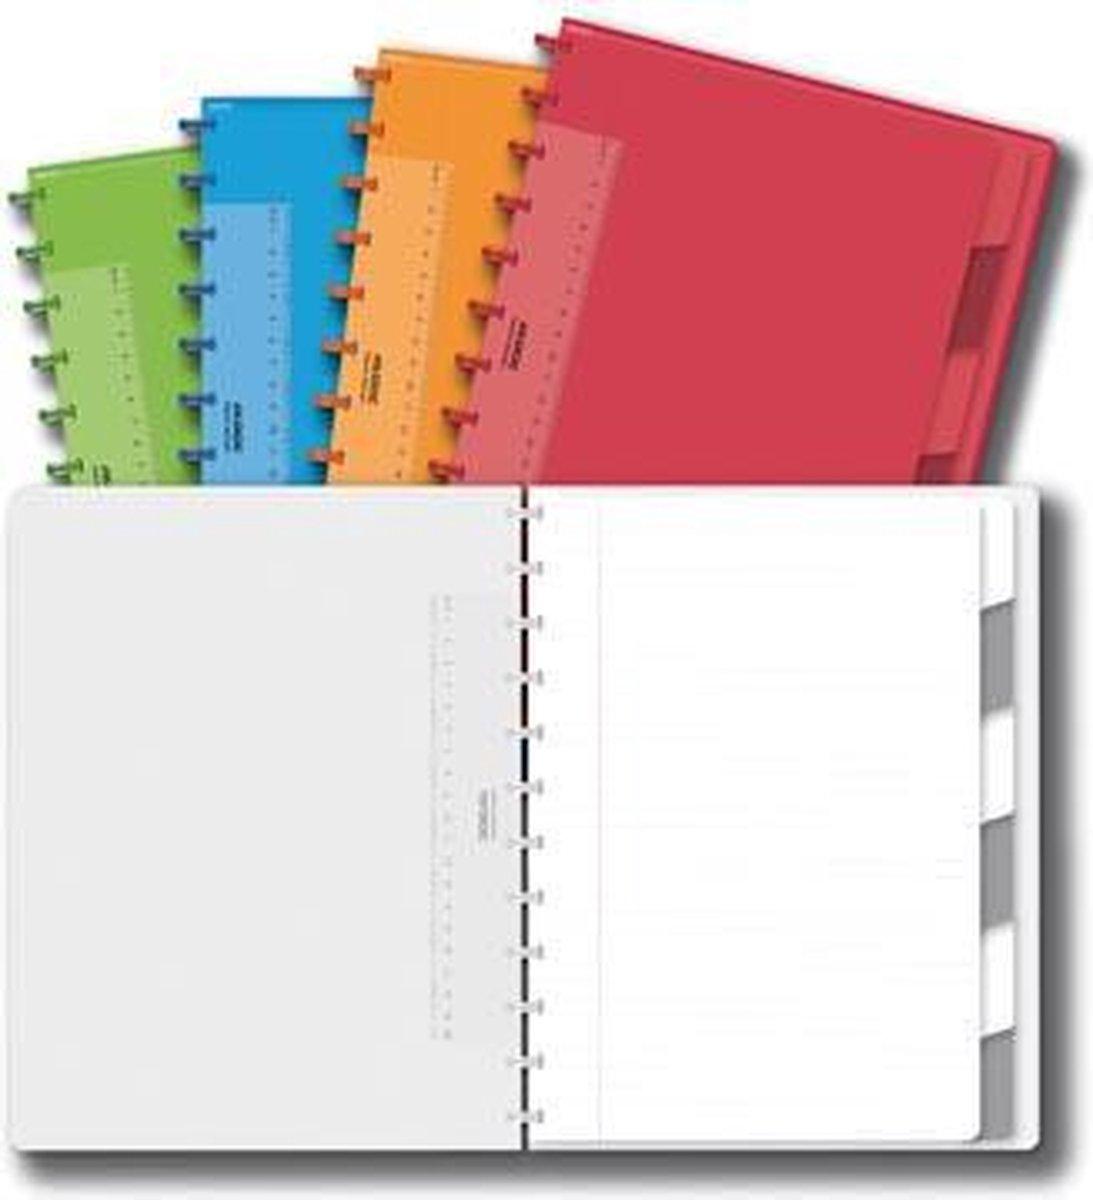 Adoc schrift Colorlines - 1 stuk - A4-formaat (21 x 297 cm) - Gelijnd - Adoc